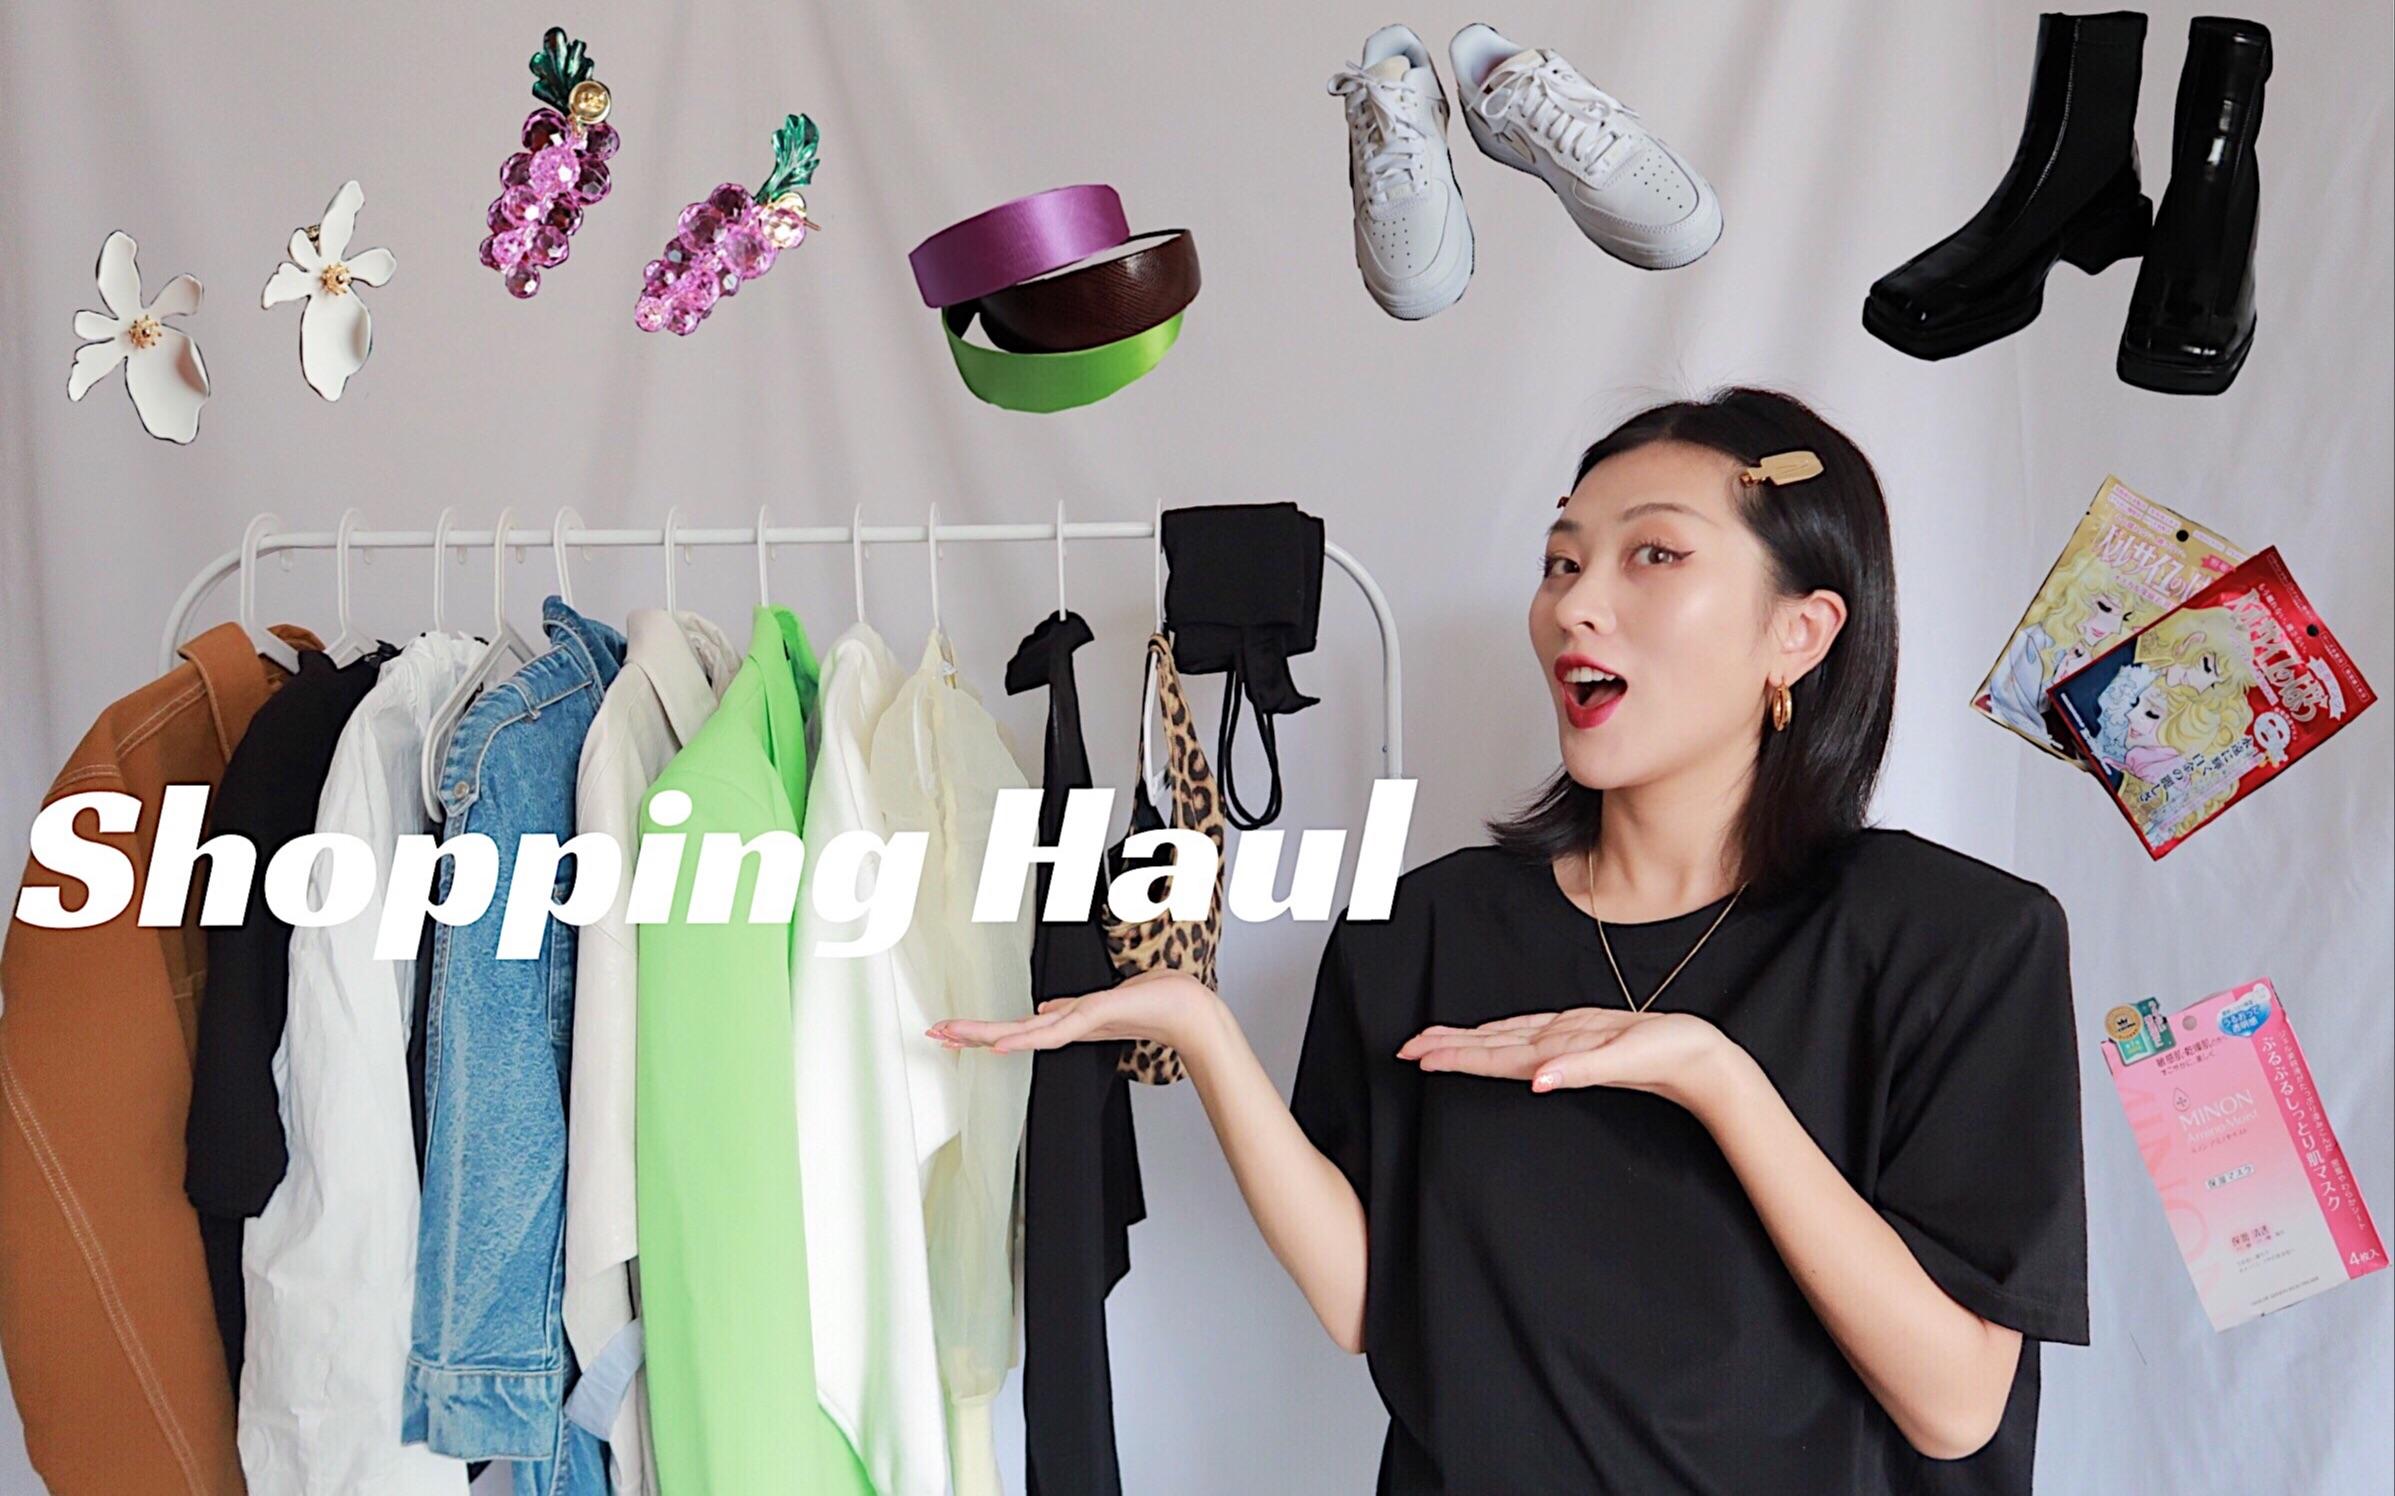 早秋购物分享 | 为秋天准备的配饰、鞋子、护肤、衣服 | 近期满意的时髦单品